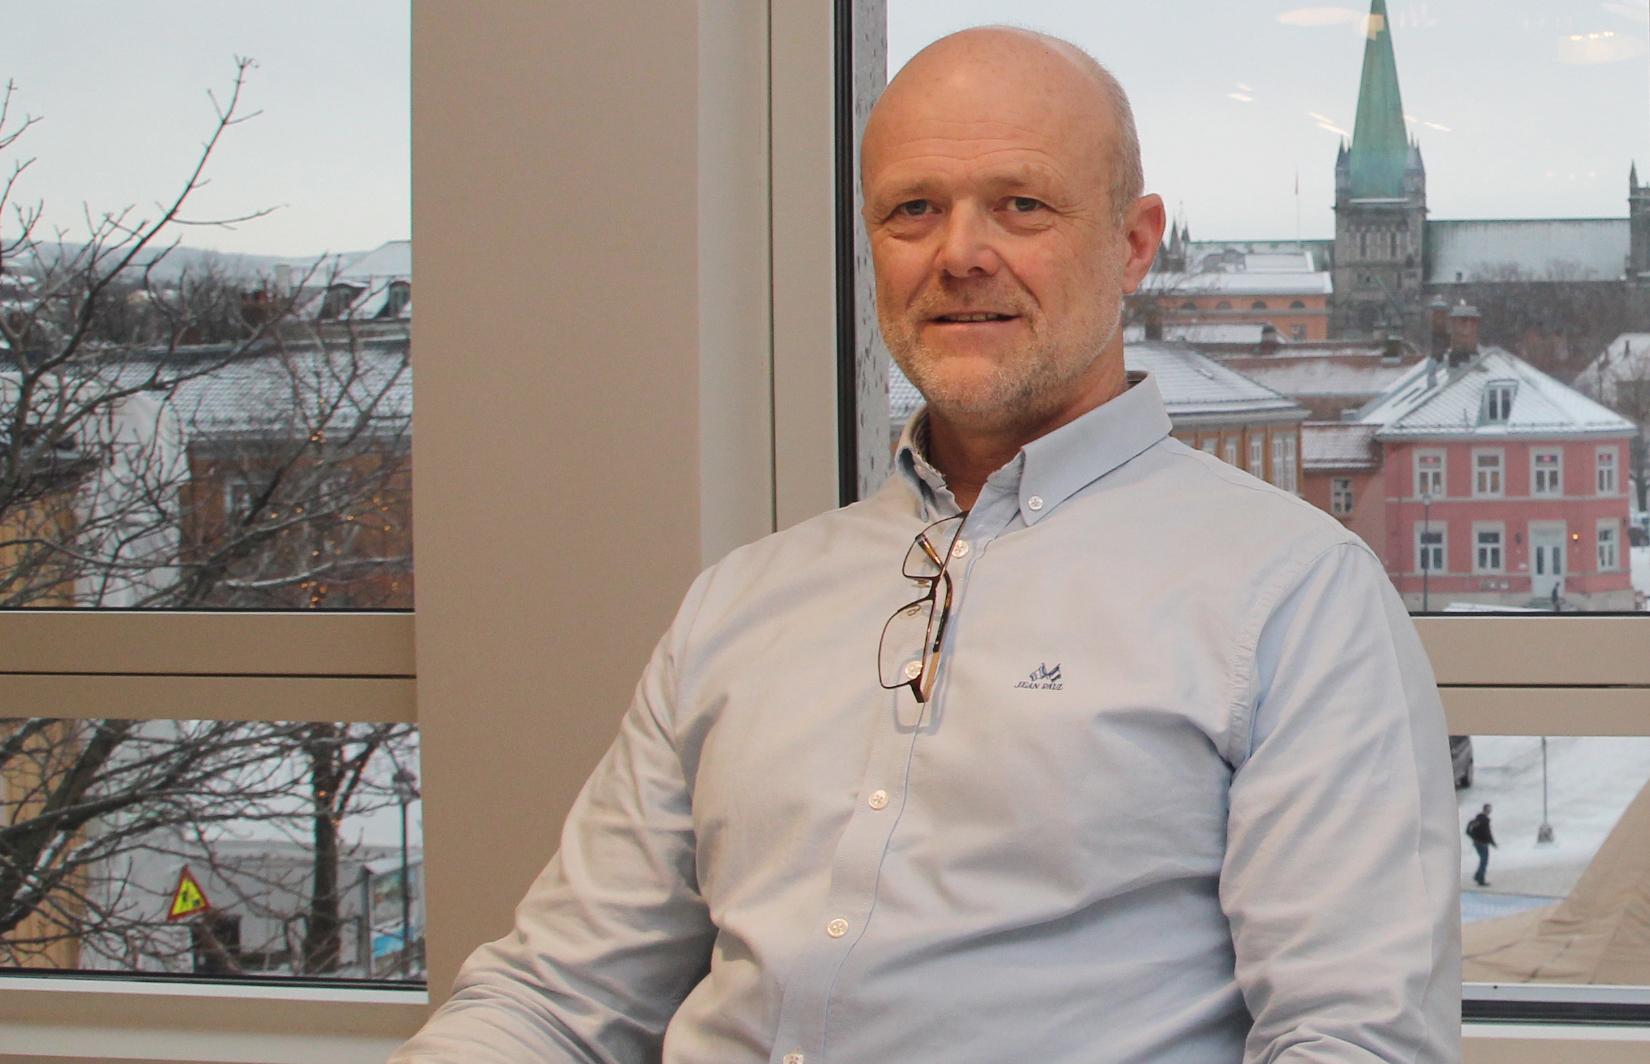 Overblikk. Administrerende direktør Svein Erik Nordbotten i nye lokaler i Kongens gate på Torvet.